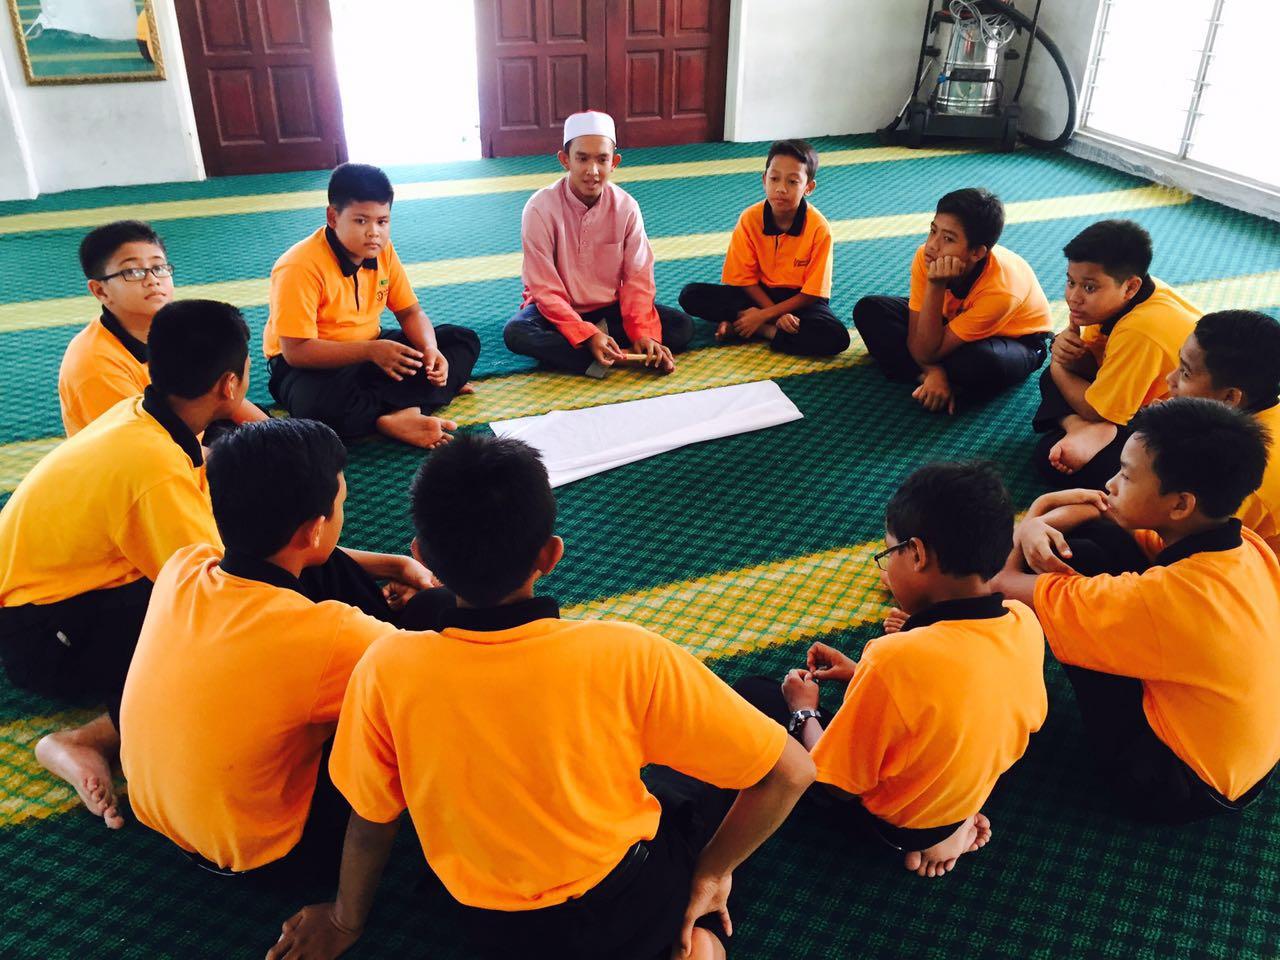 Program Tunas Muda melibatkan semua pelajar tingkatan 1 telah diadakan pada 16 dan 17 April yang lepas. Program ini merupakan anjuran panitia Pendidikan Islam dan bersama organisasi Badar SDAR.